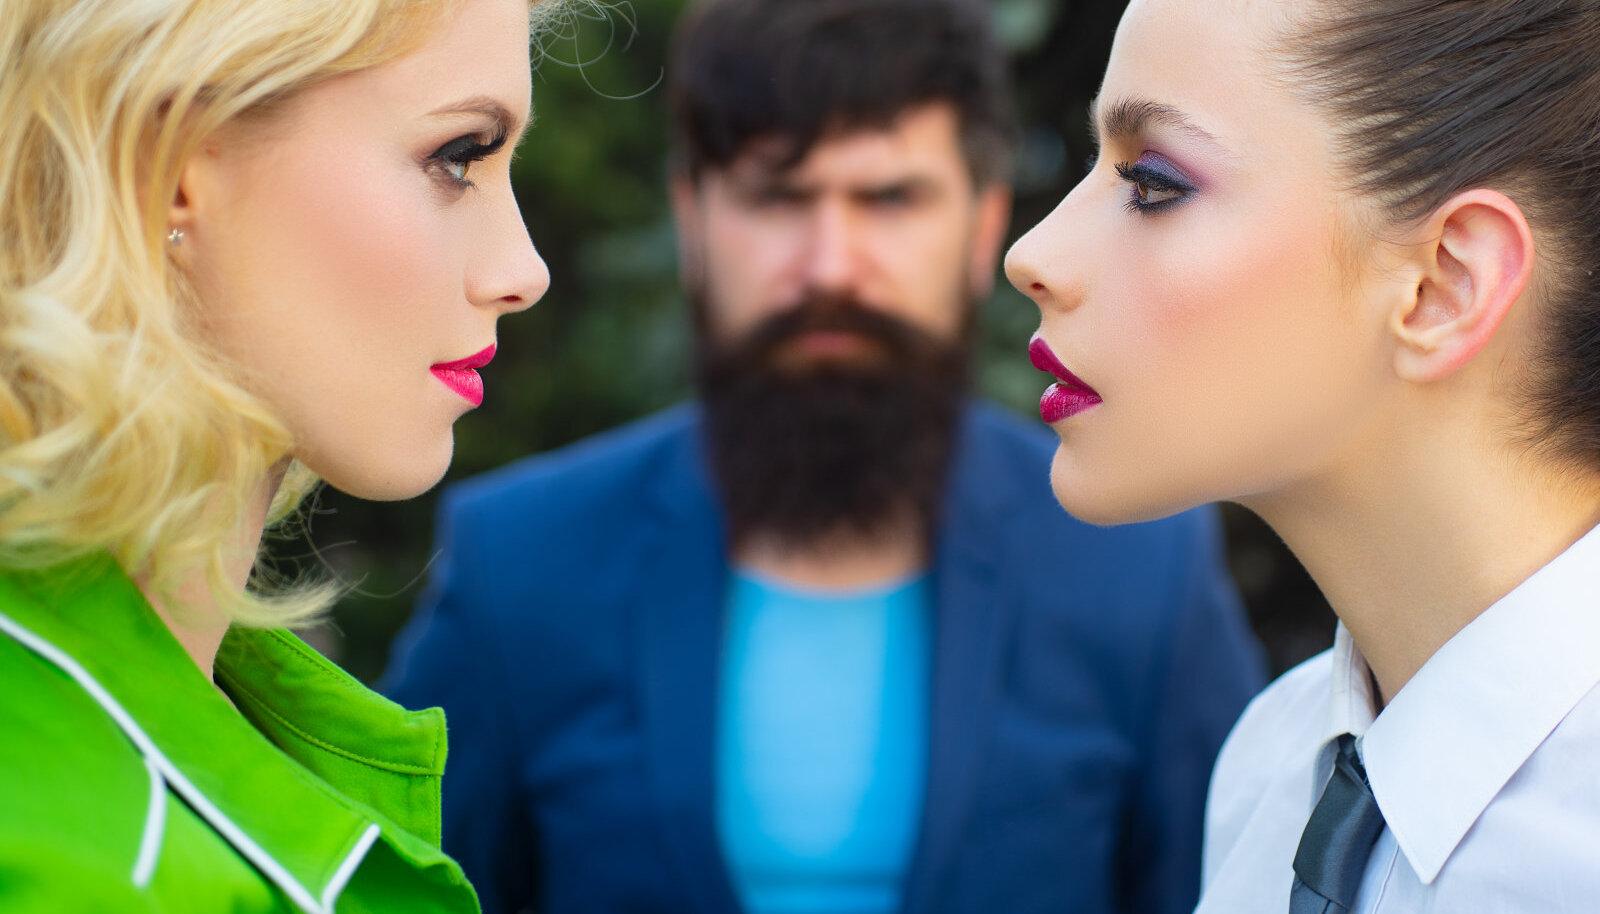 Kui mehe sõbranna muutub suhtes tülikaks kolmandaks, tuleb oma piirid paika panna.